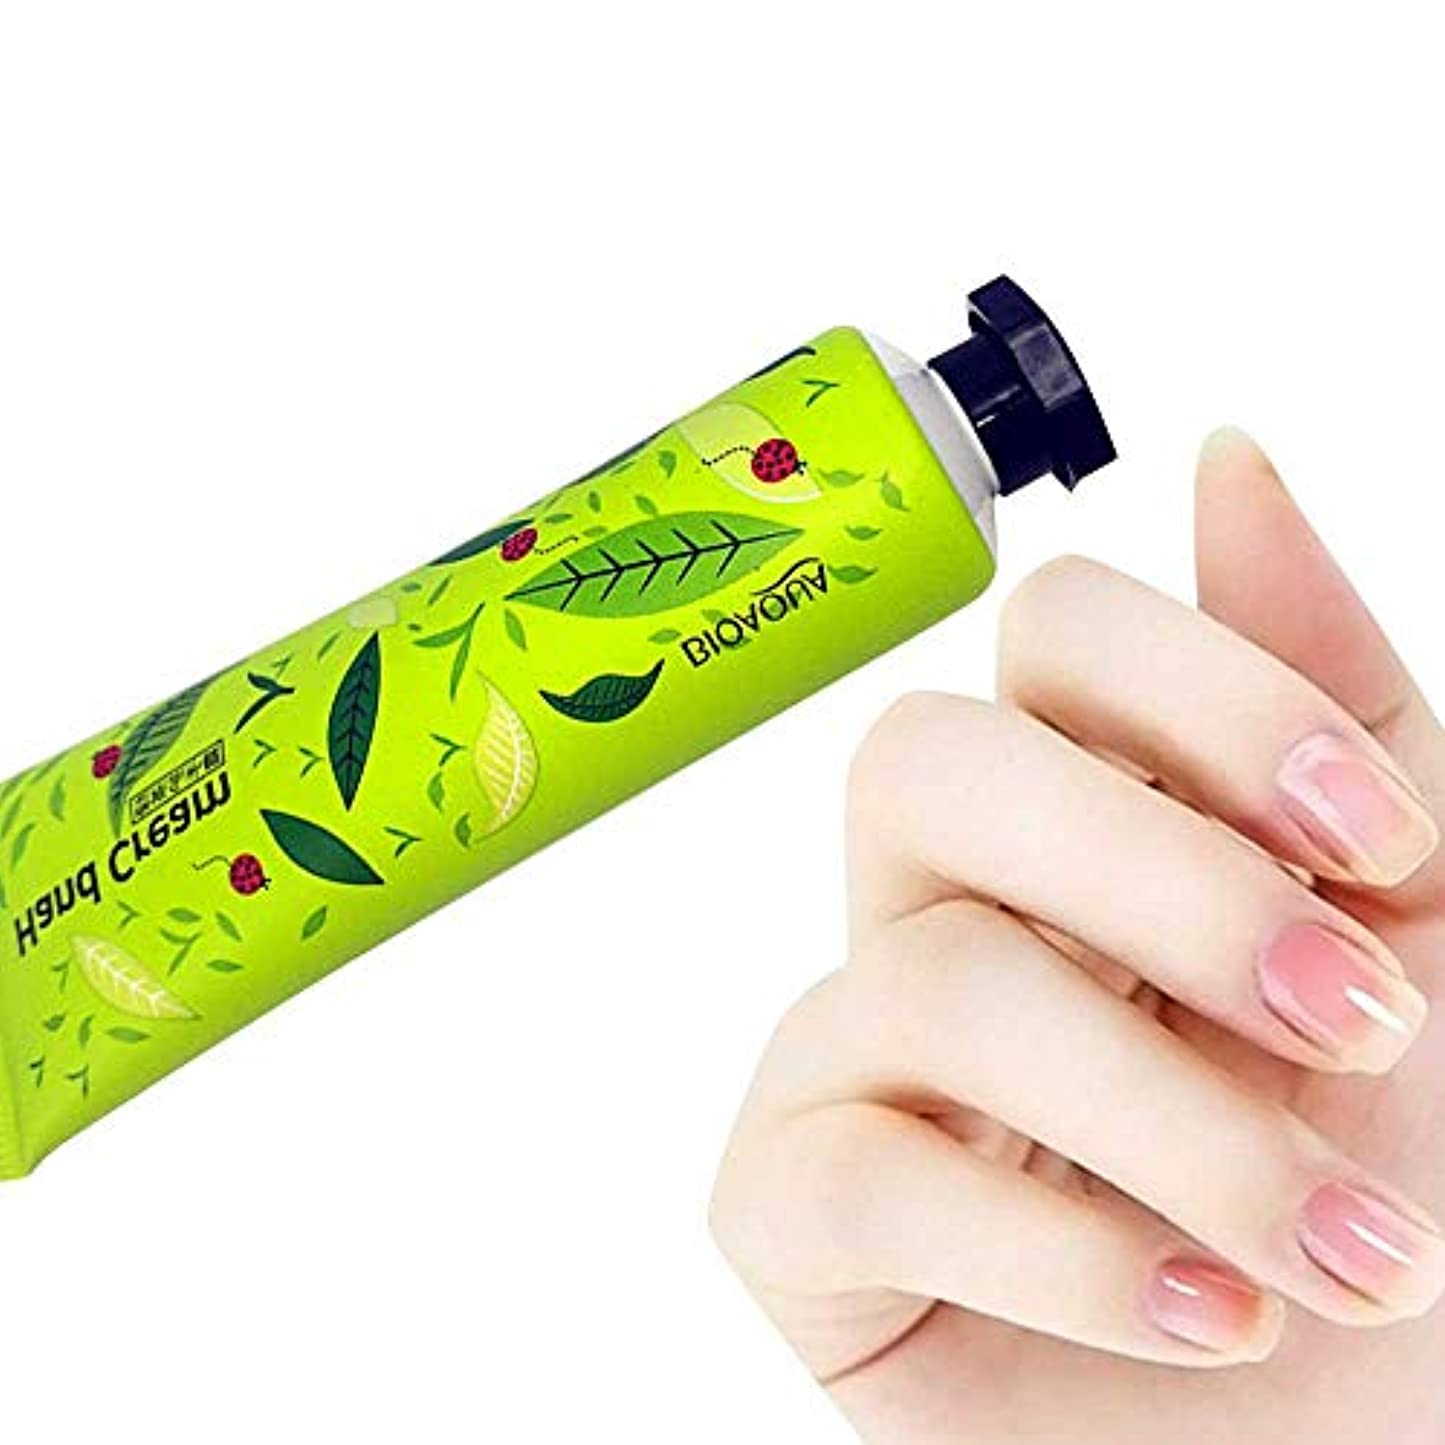 チャートゆでる懐疑論ハンドクリーム Akane BIOAOUA 植物エキス 潤う 保湿 水分補給 香り 手荒れを防ぐ 無添加 天然 乾燥肌用 自然 肌荒れ予防 Hand Cream